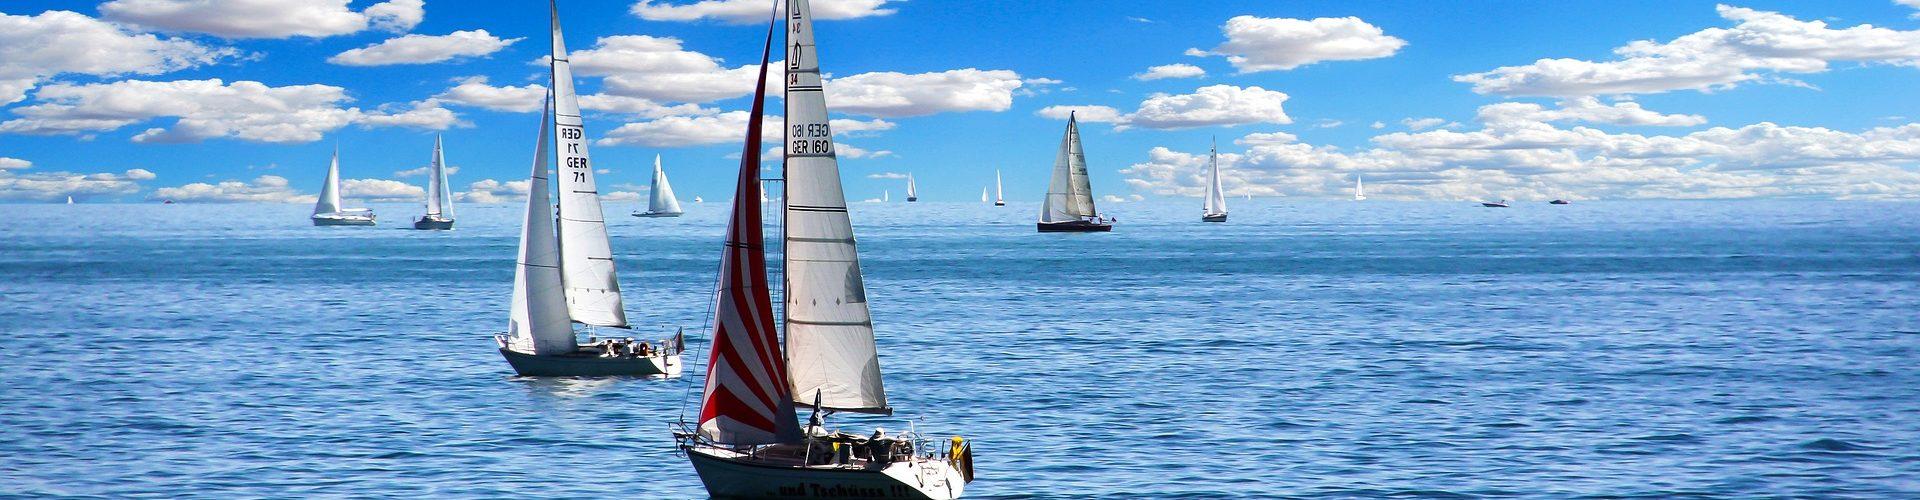 segeln lernen in Remscheid segelschein machen in Remscheid 1920x500 - Segeln lernen in Remscheid